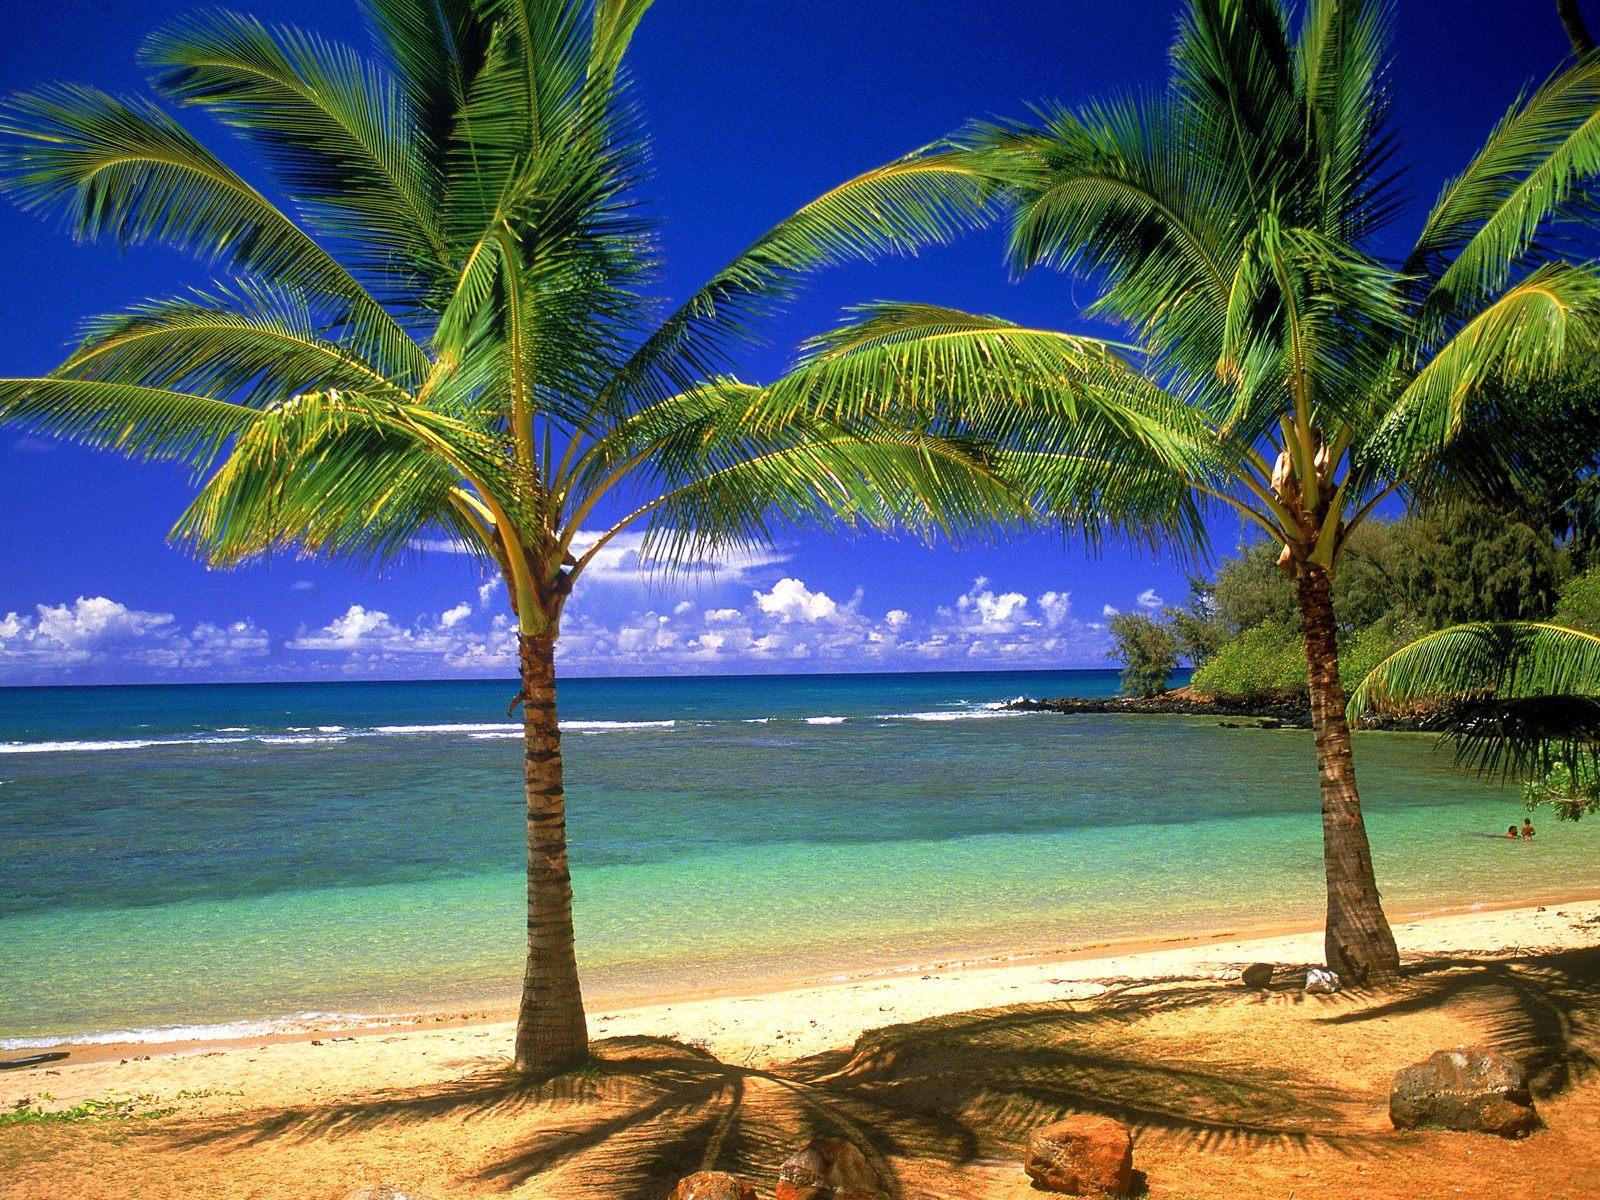 free wallpaper hawaii beach scenes - wallpapersafari